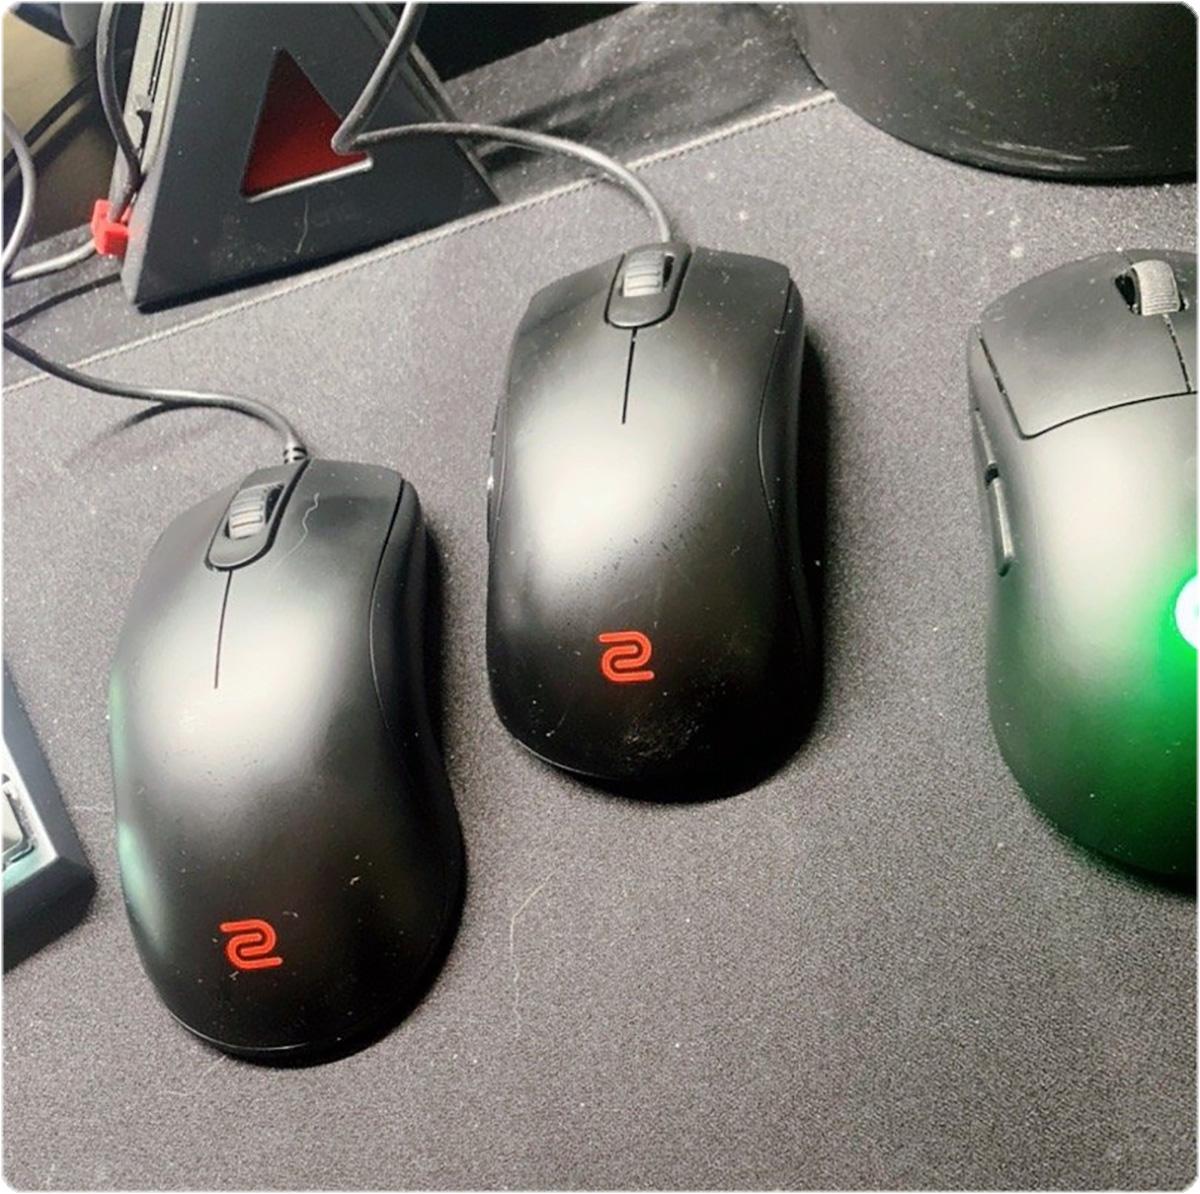 选择一款适合自己的鼠标真得很重要